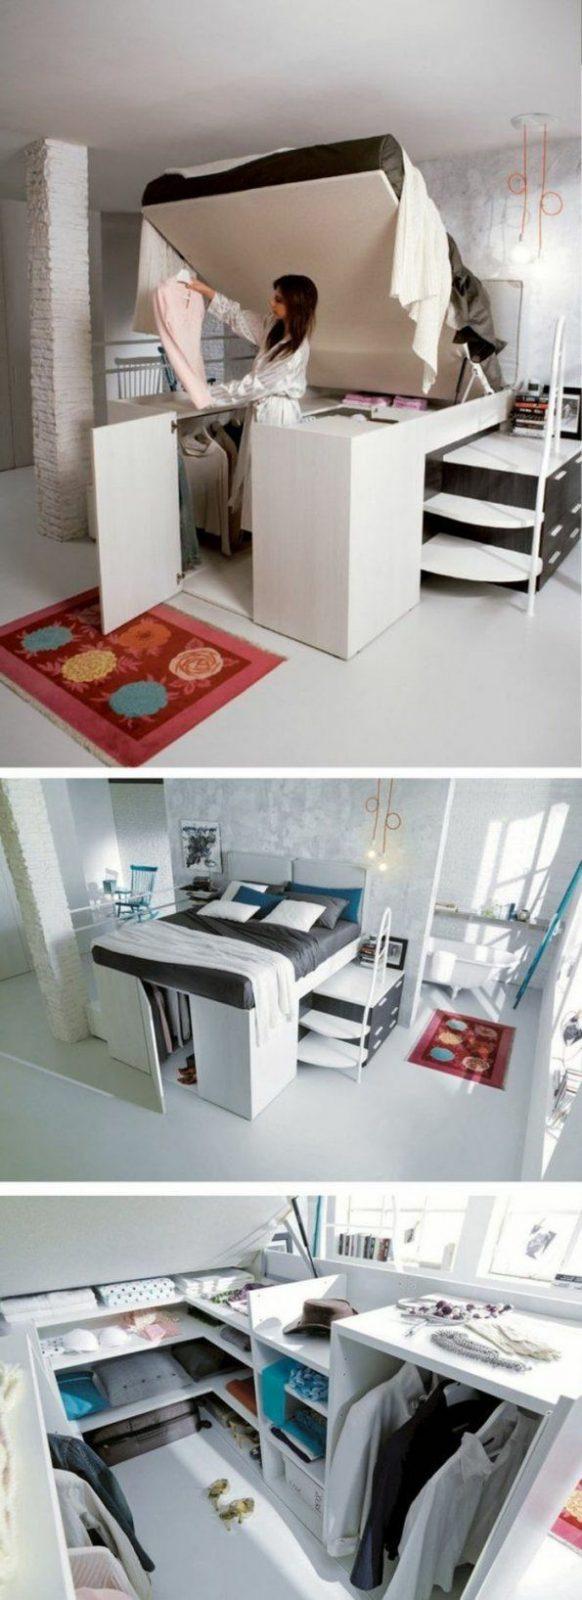 ▷ 1001+ Ideen Zum Thema Kleine Räume Geschickt Einrichten von Kleine Räume Geschickt Einrichten Photo